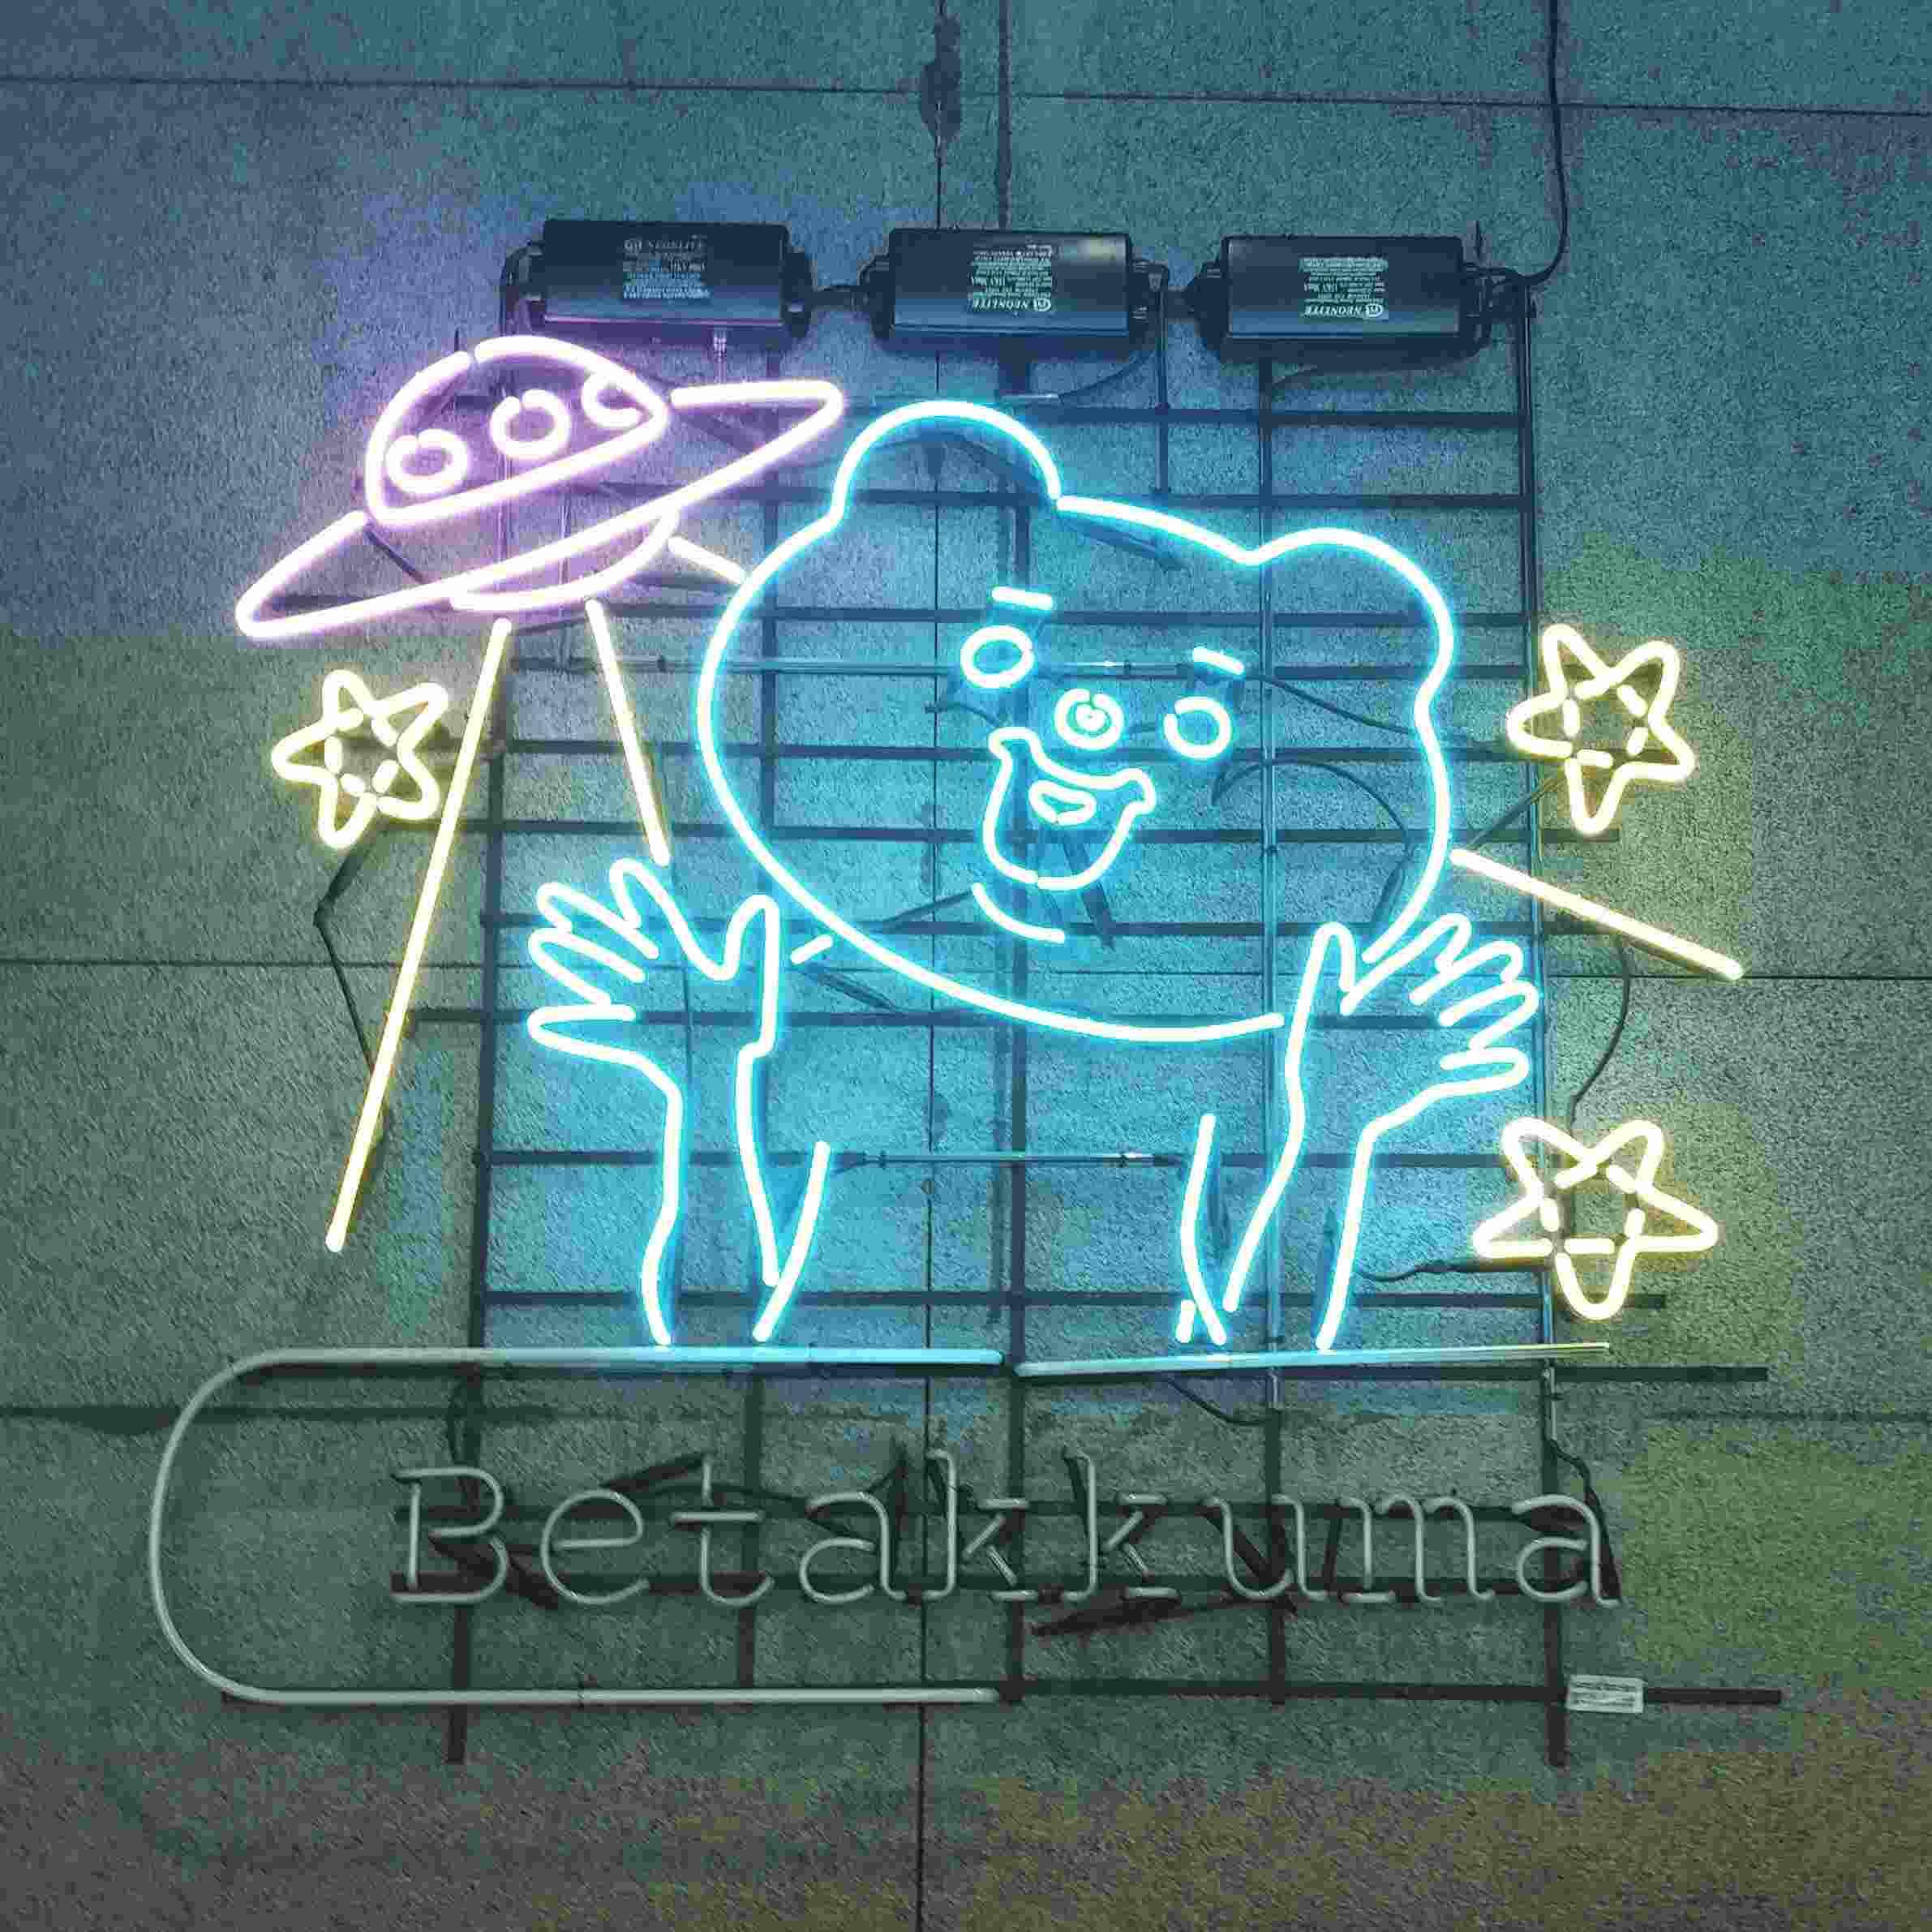 實體店就在首爾市西大門區新村現代百貨B2/F (서울시 서대문구 신촌로 83 현대백화점신촌점 B2/F),各位記好了嗎?